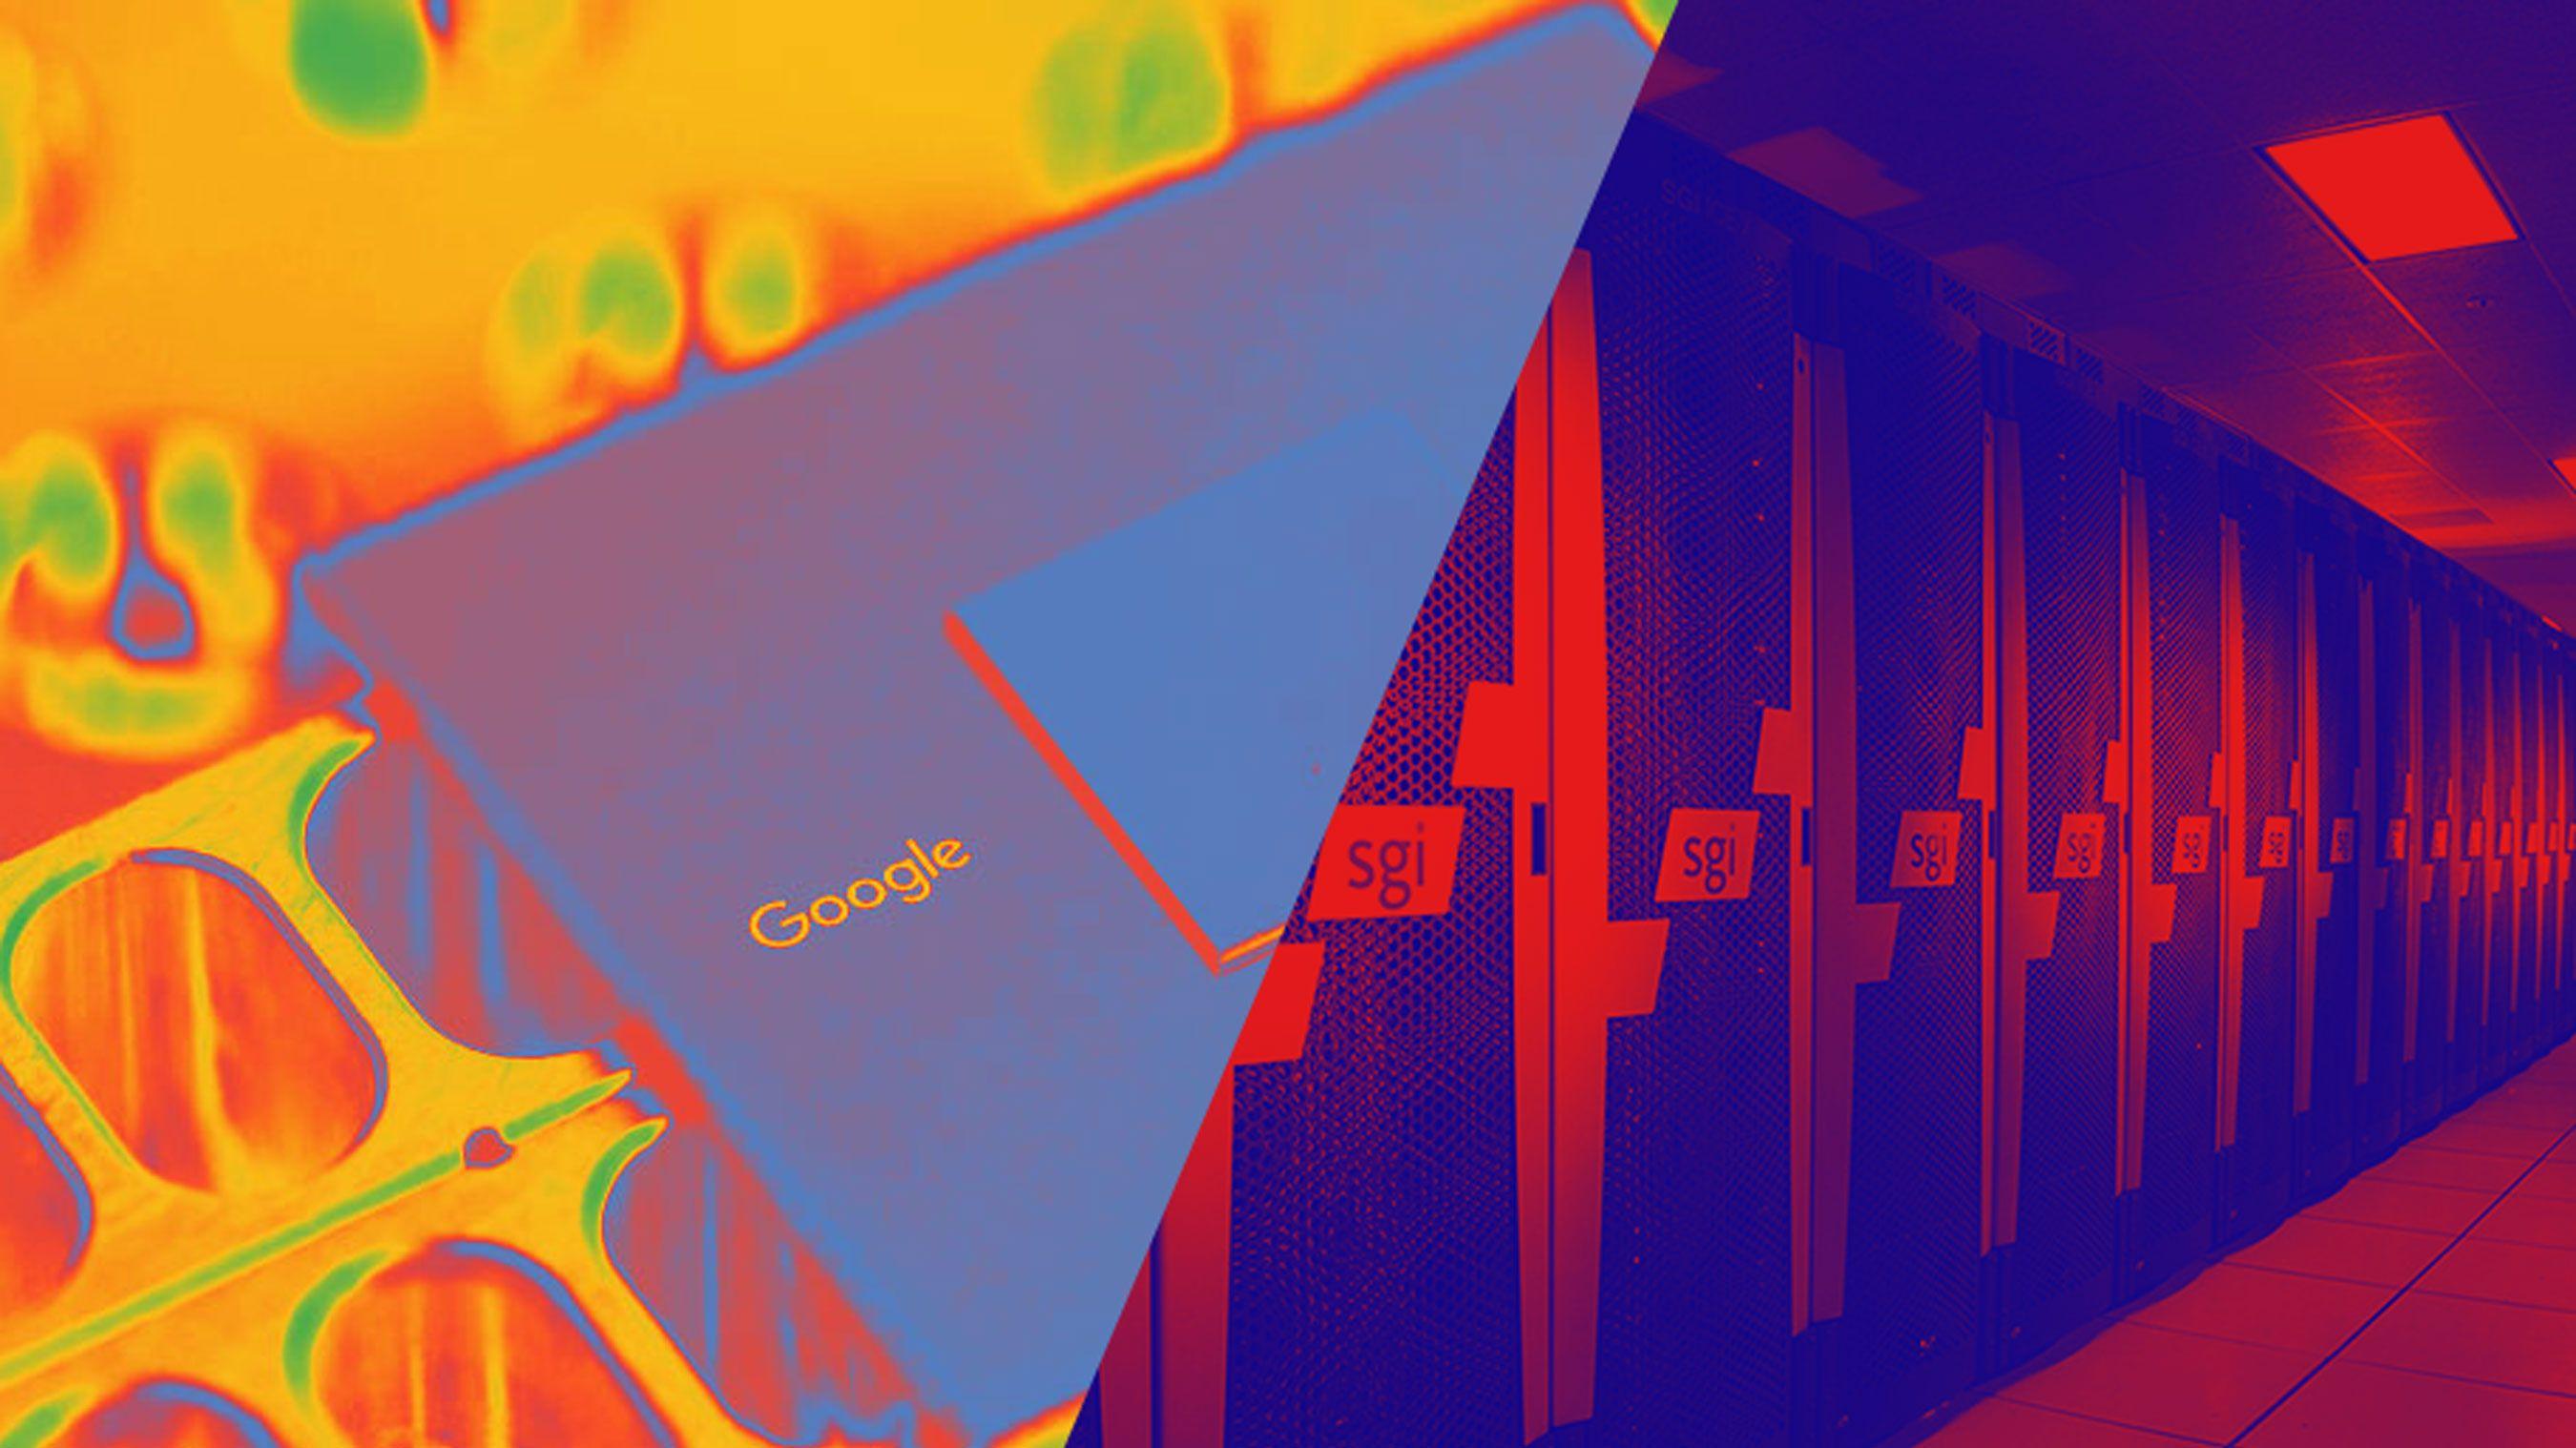 グーグルがNASAと提携 「量子超越性」実証へ